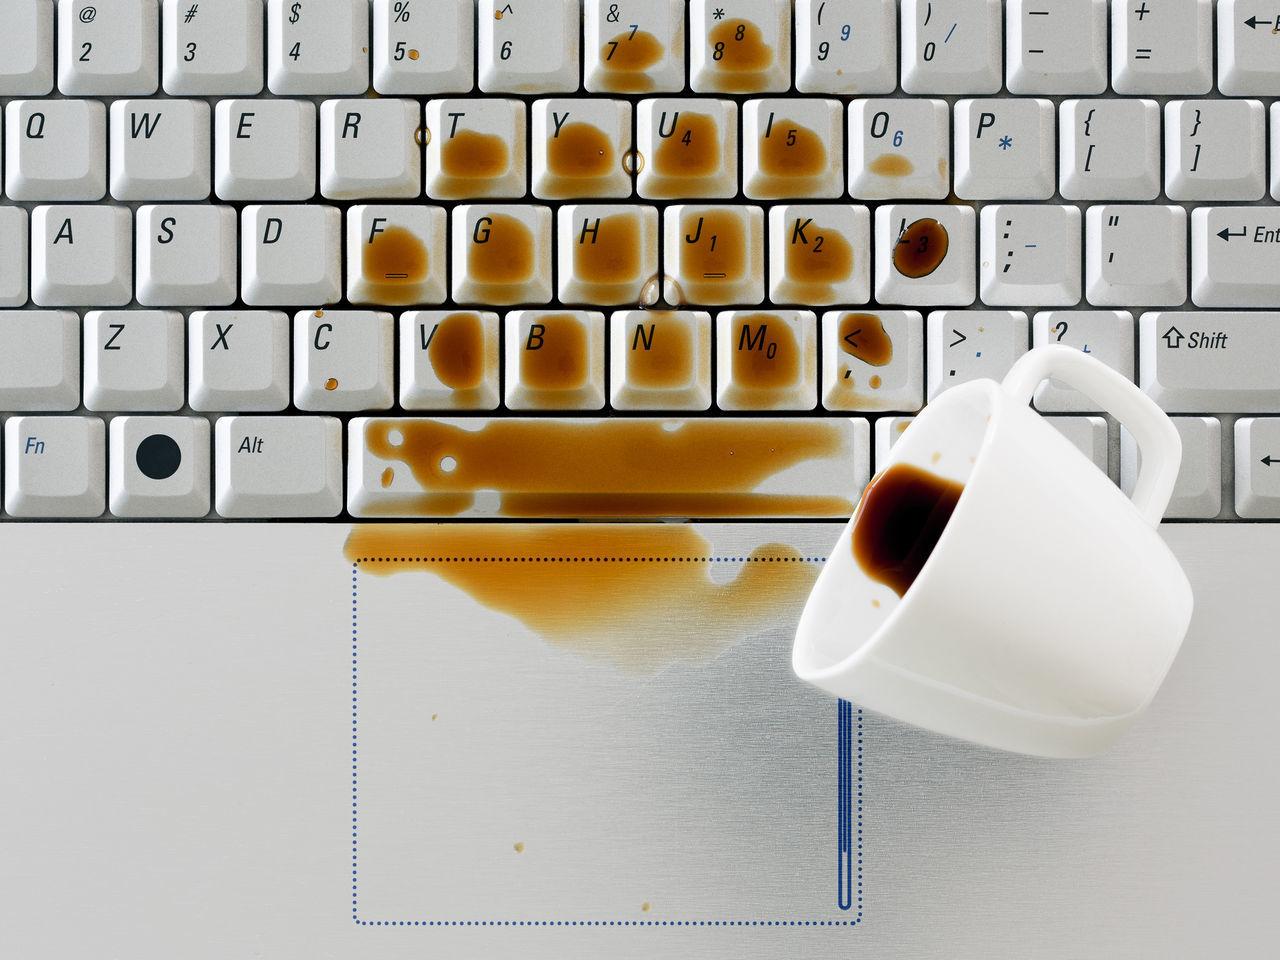 Пролитый на ноутбук кофе